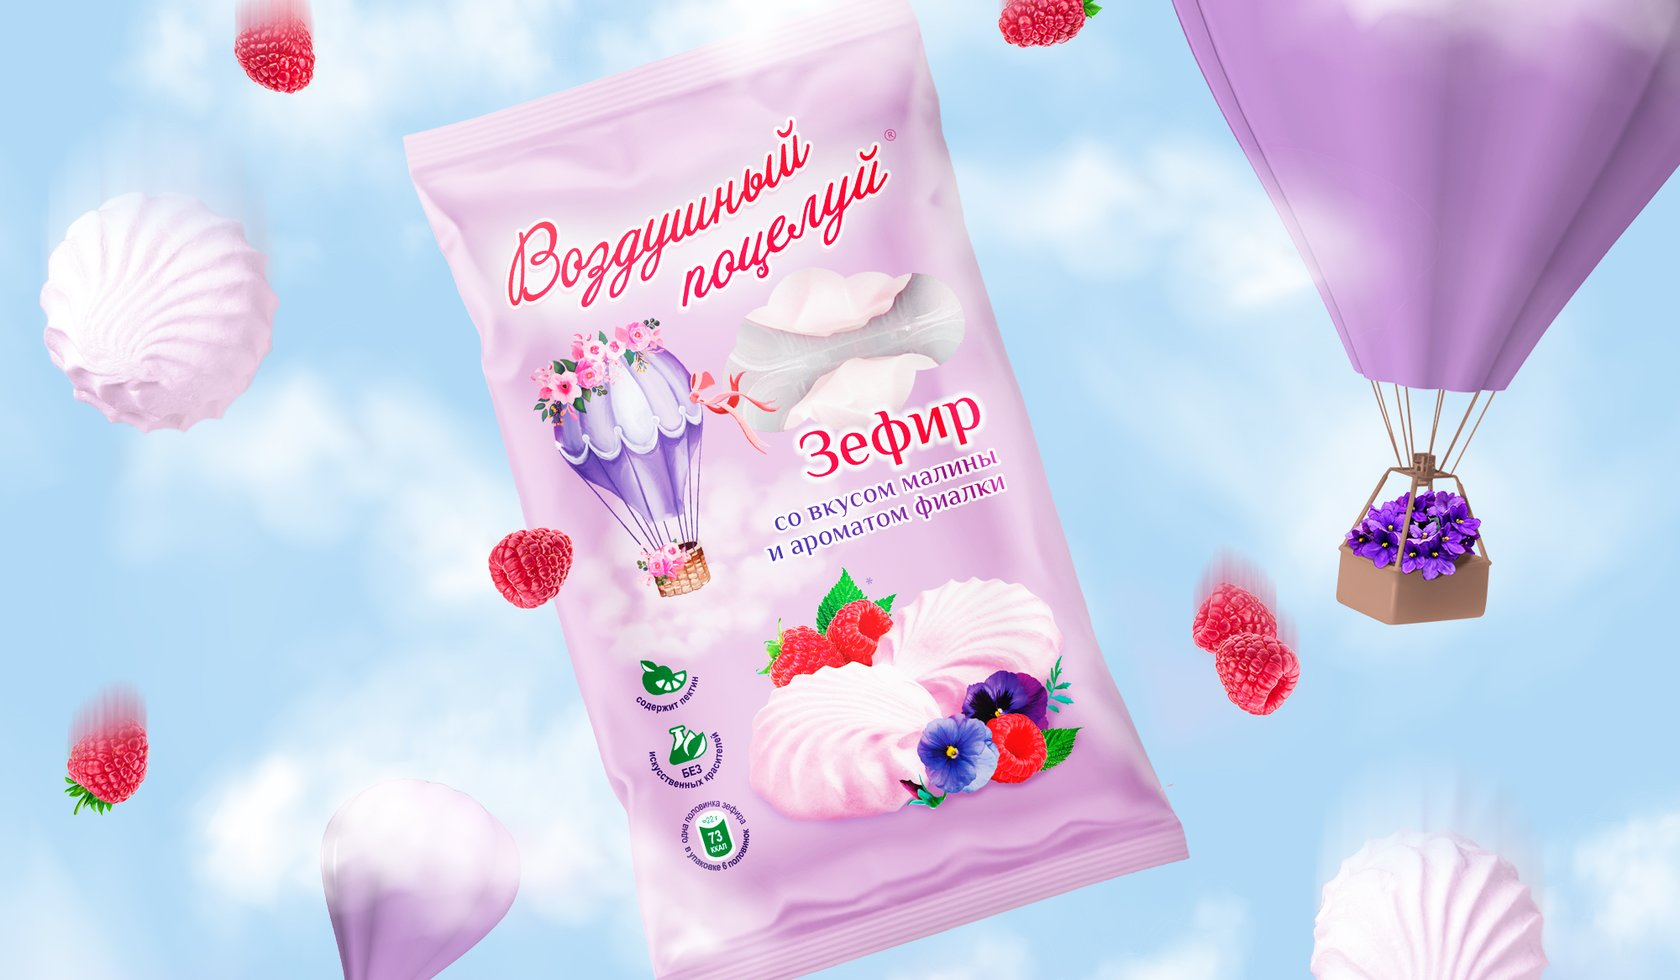 国际包装设计分享:快销食品中糖果包装设计创意欣赏